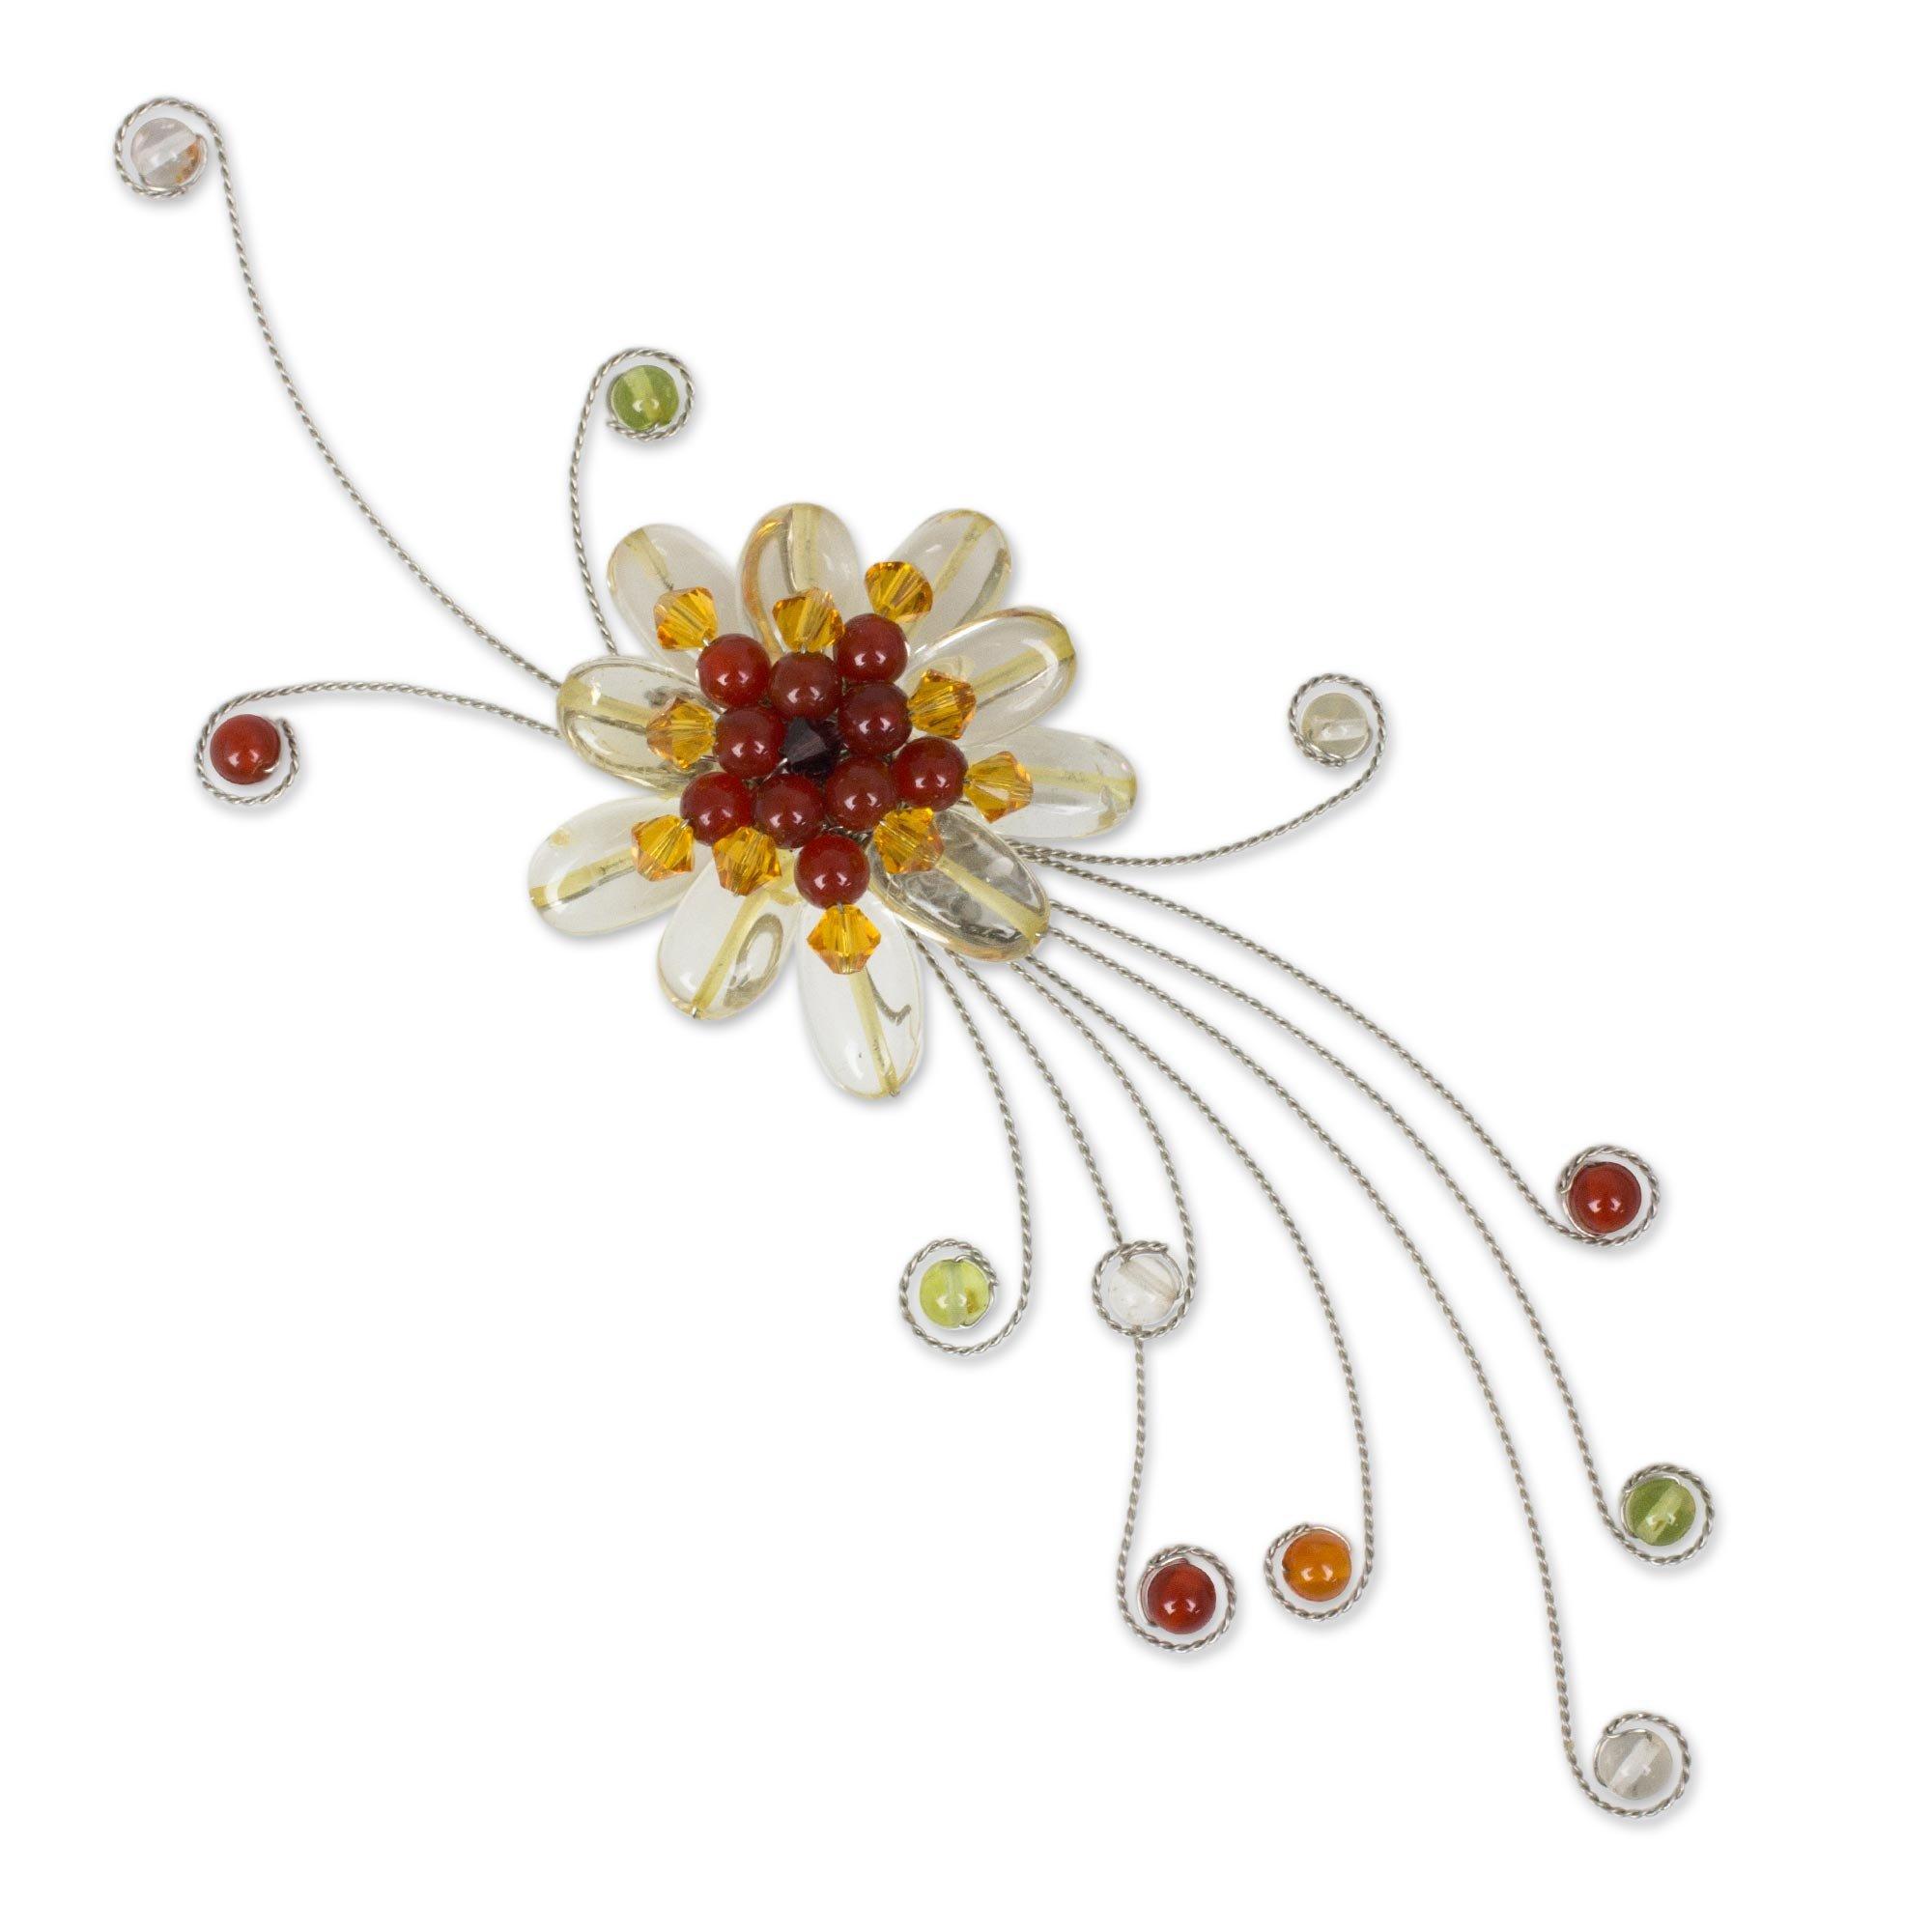 NOVICA Multi-Gem Citrine Stainless Steel and Glass Brooch, Dream Flower'